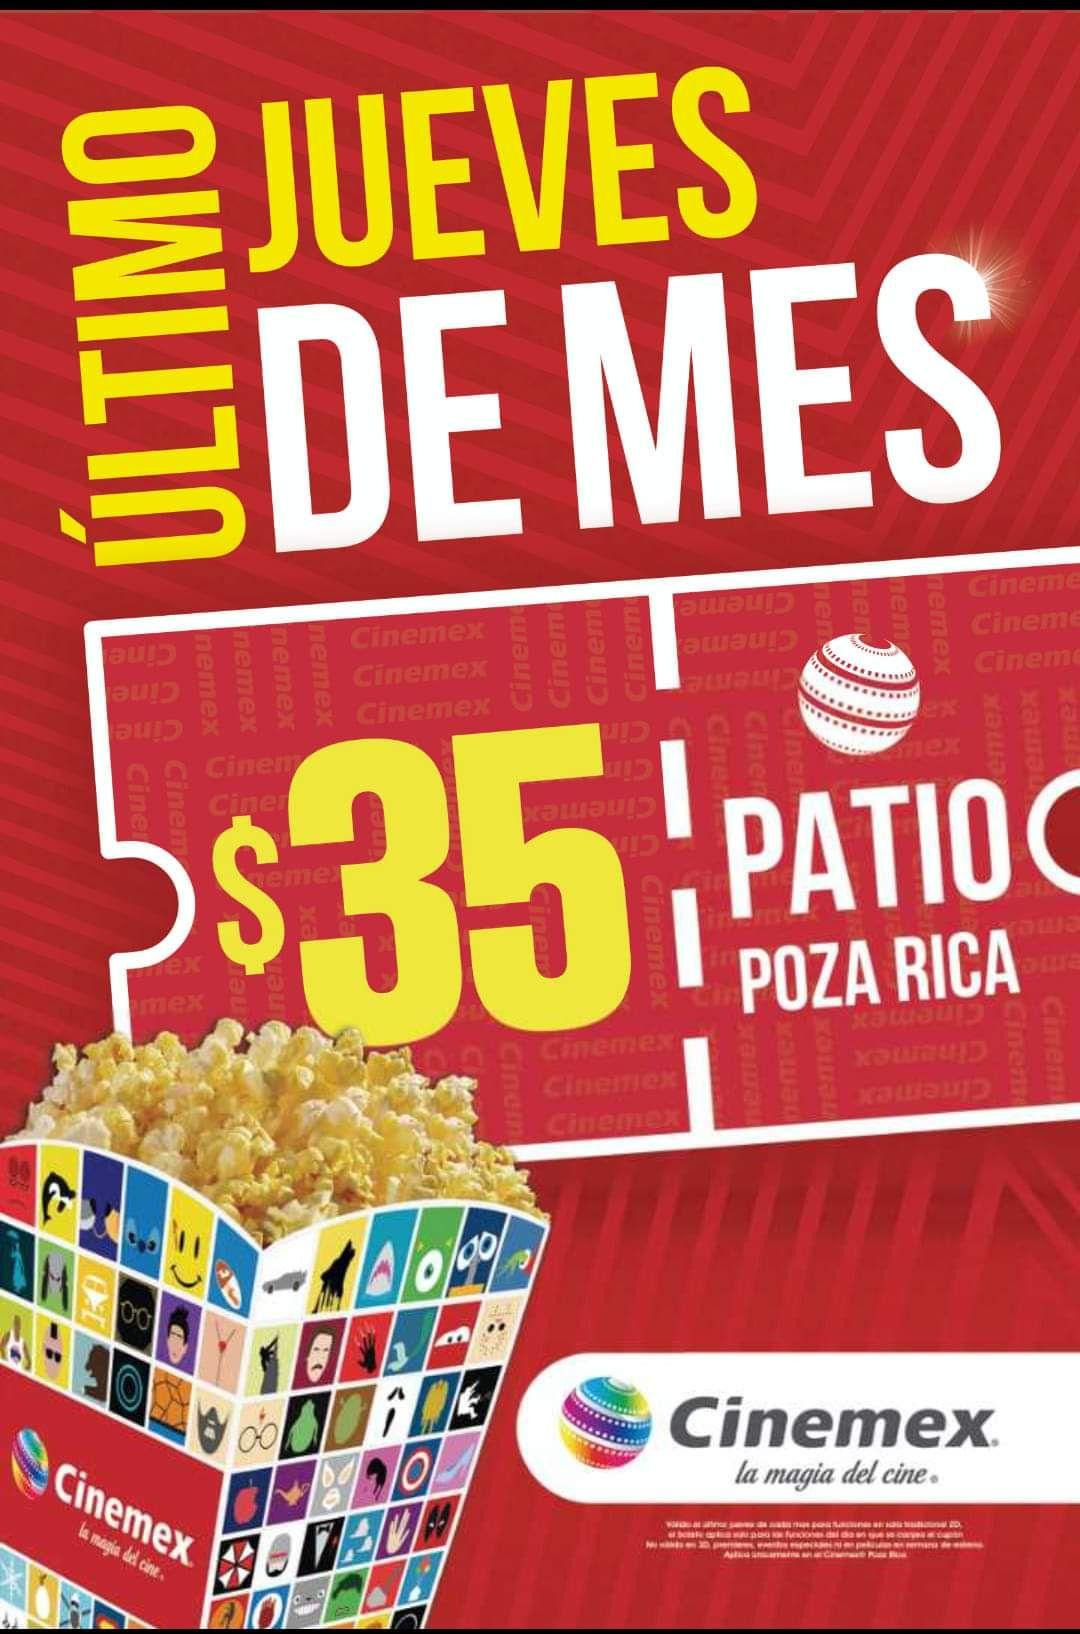 Cinemex patio Poza Rica: último jueves de enero a $35